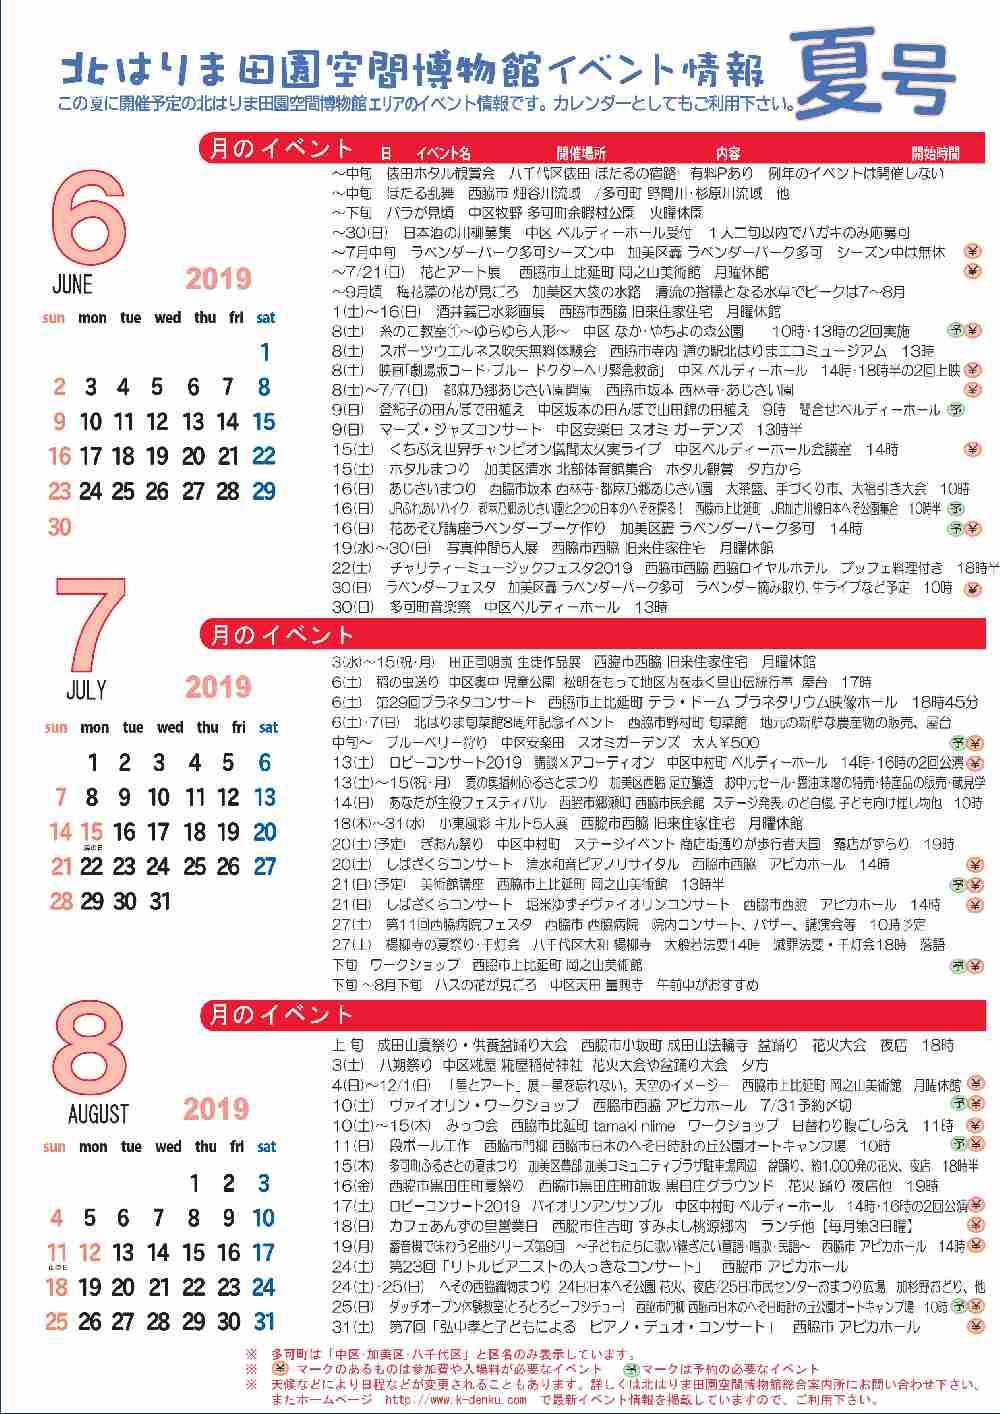 2019夏の見てみてガイド&イベントカレンダー